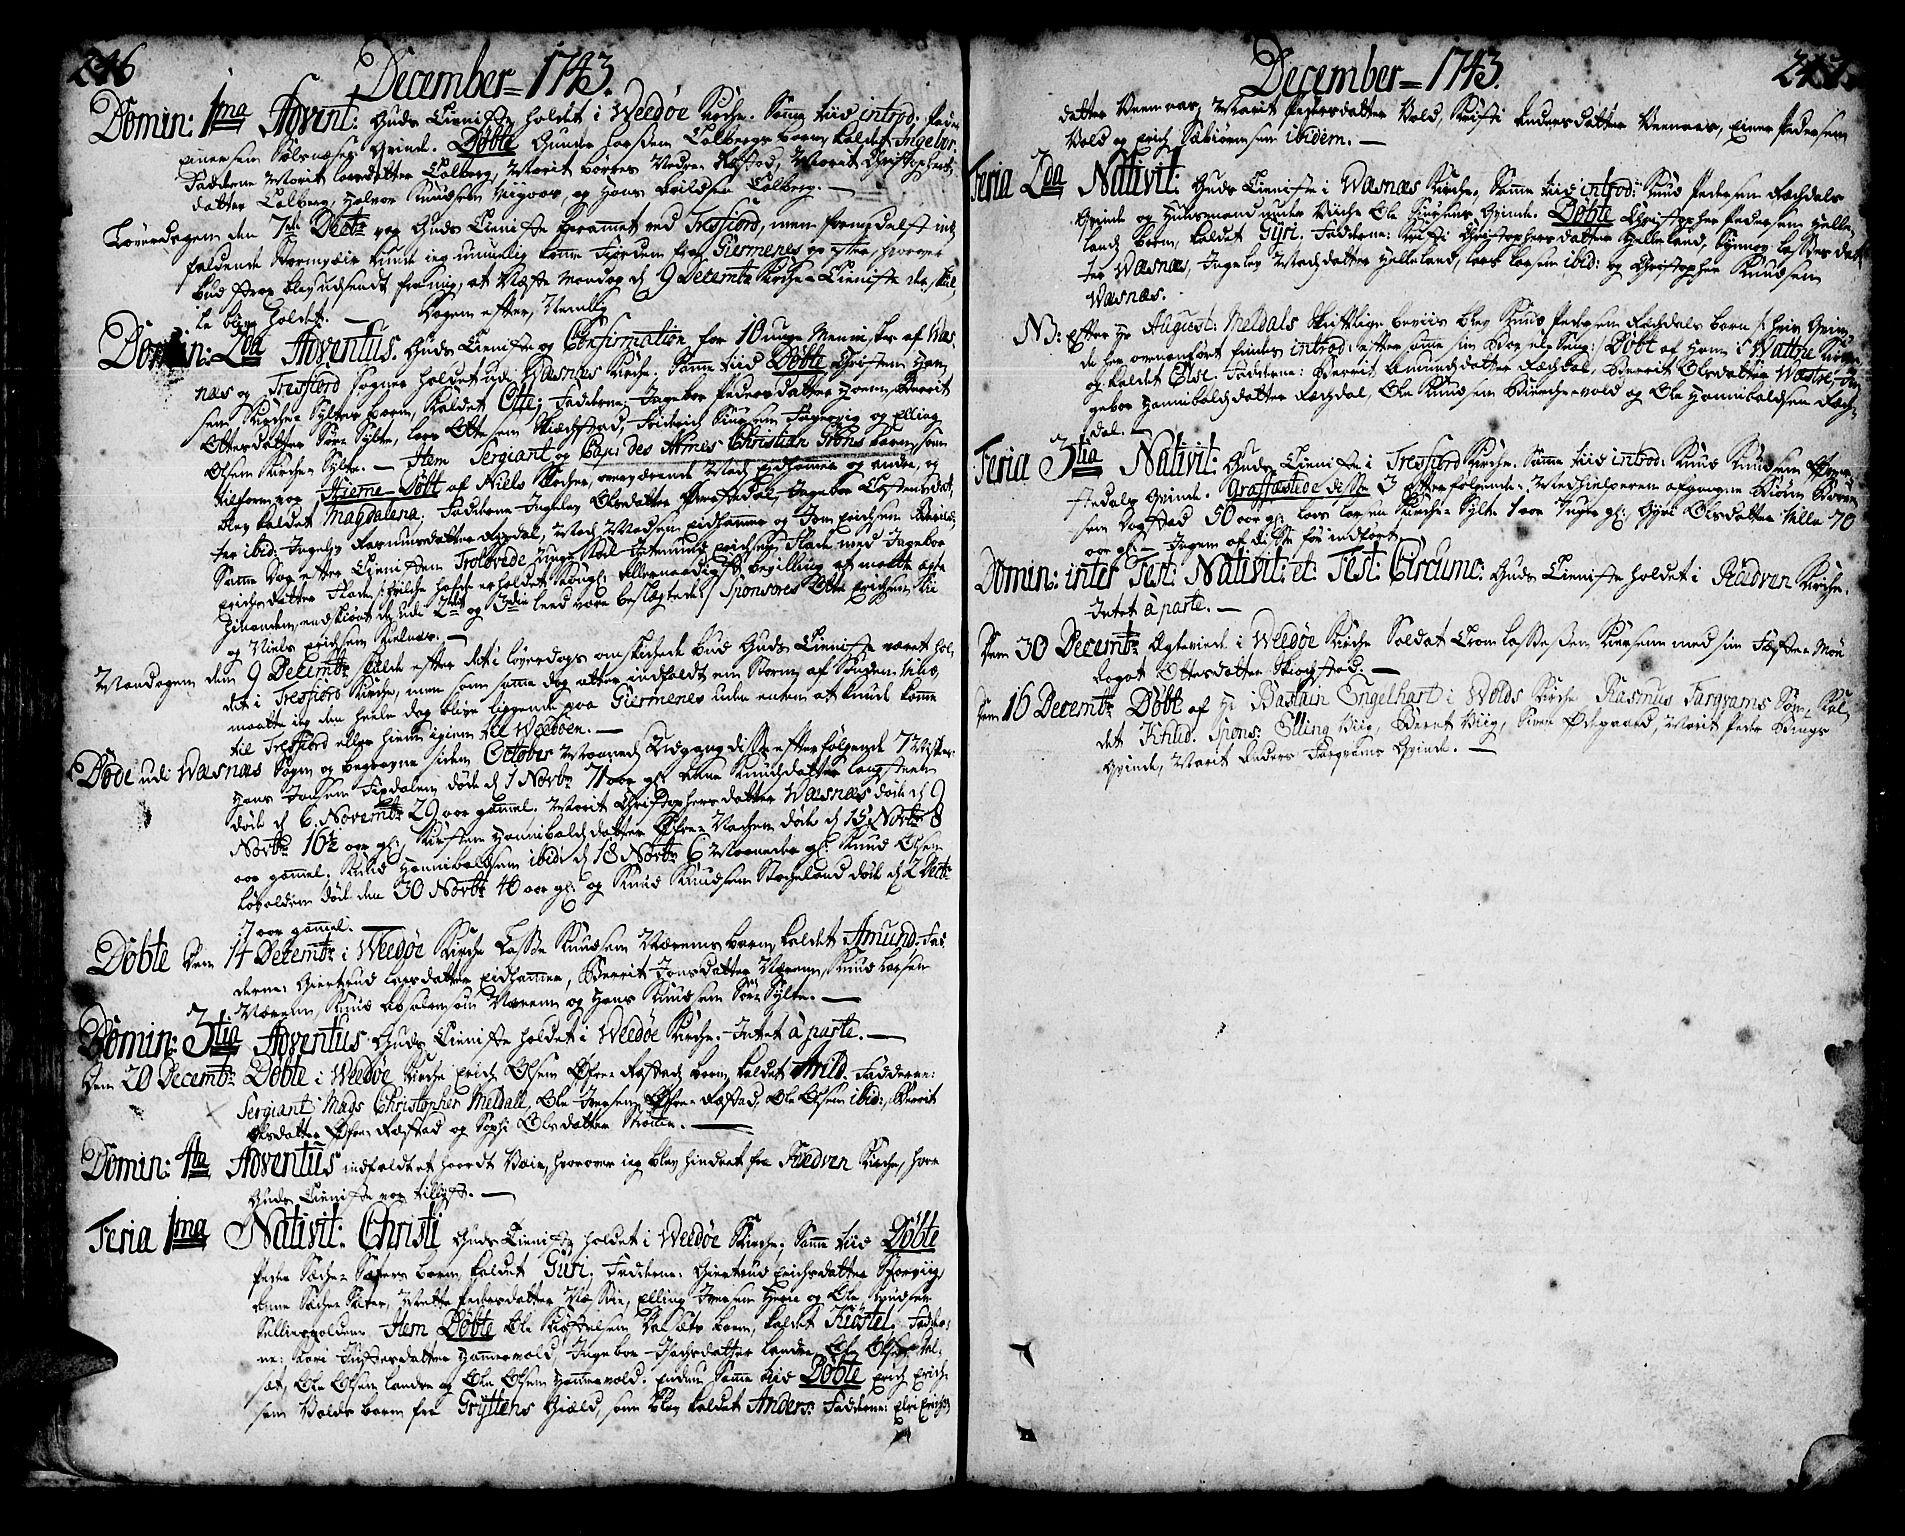 SAT, Ministerialprotokoller, klokkerbøker og fødselsregistre - Møre og Romsdal, 547/L0599: Ministerialbok nr. 547A01, 1721-1764, s. 246-247